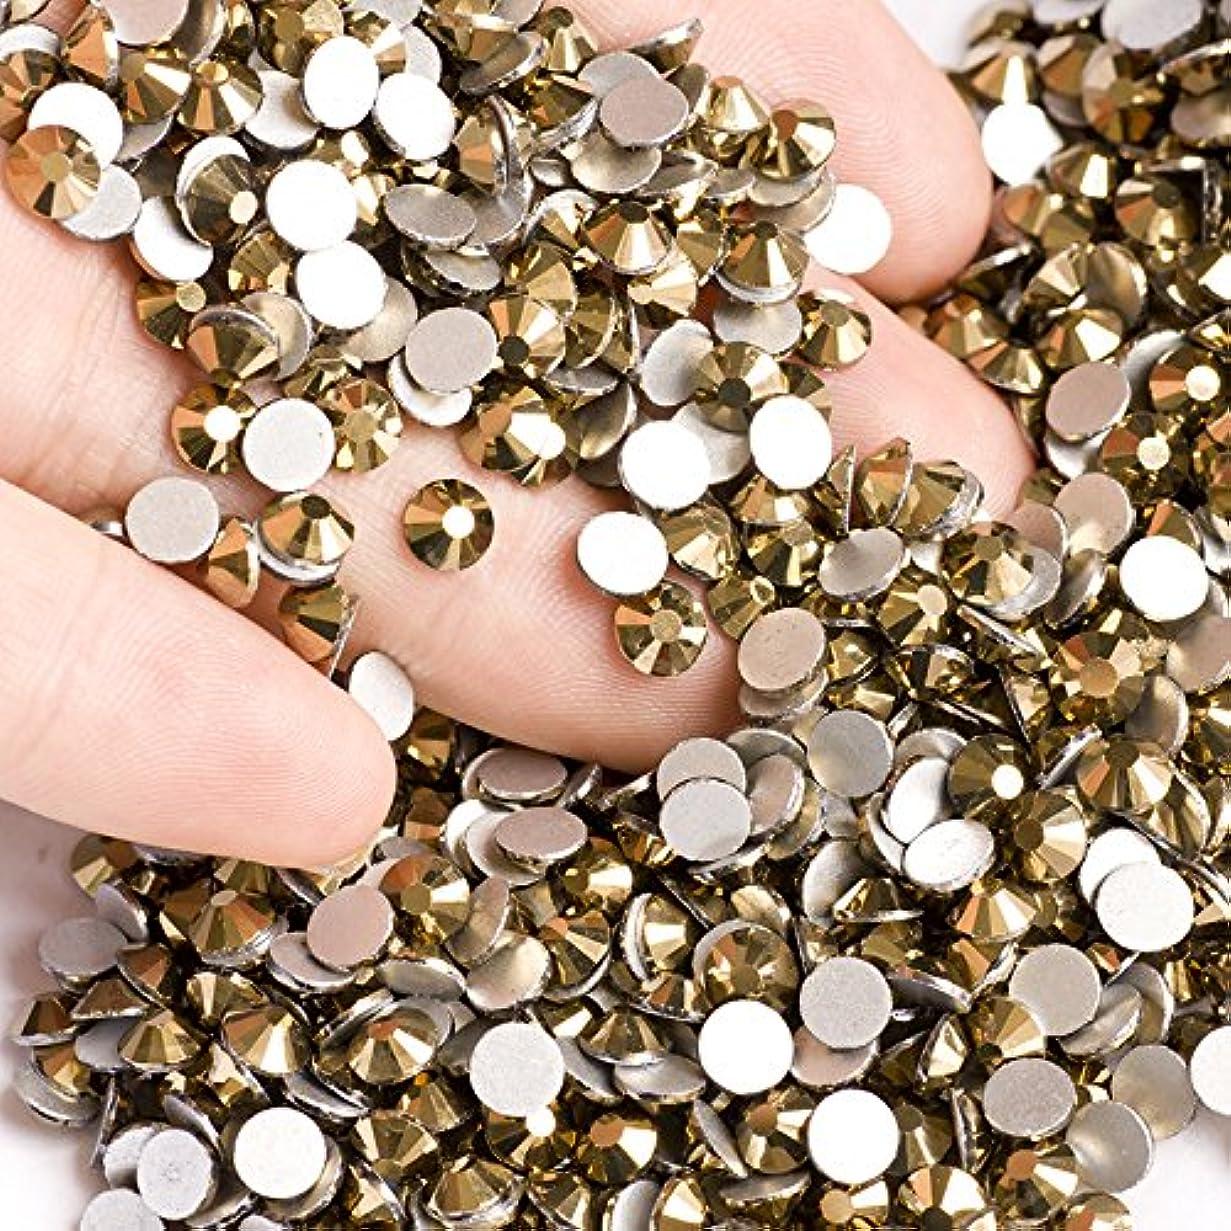 スリチンモイペフ採用高品質ガラス製ラインストーン ゴールド 業務用パック1440粒入り ネイル デコ レジンに (4.8mm (SS20) 約1440粒) [並行輸入品]